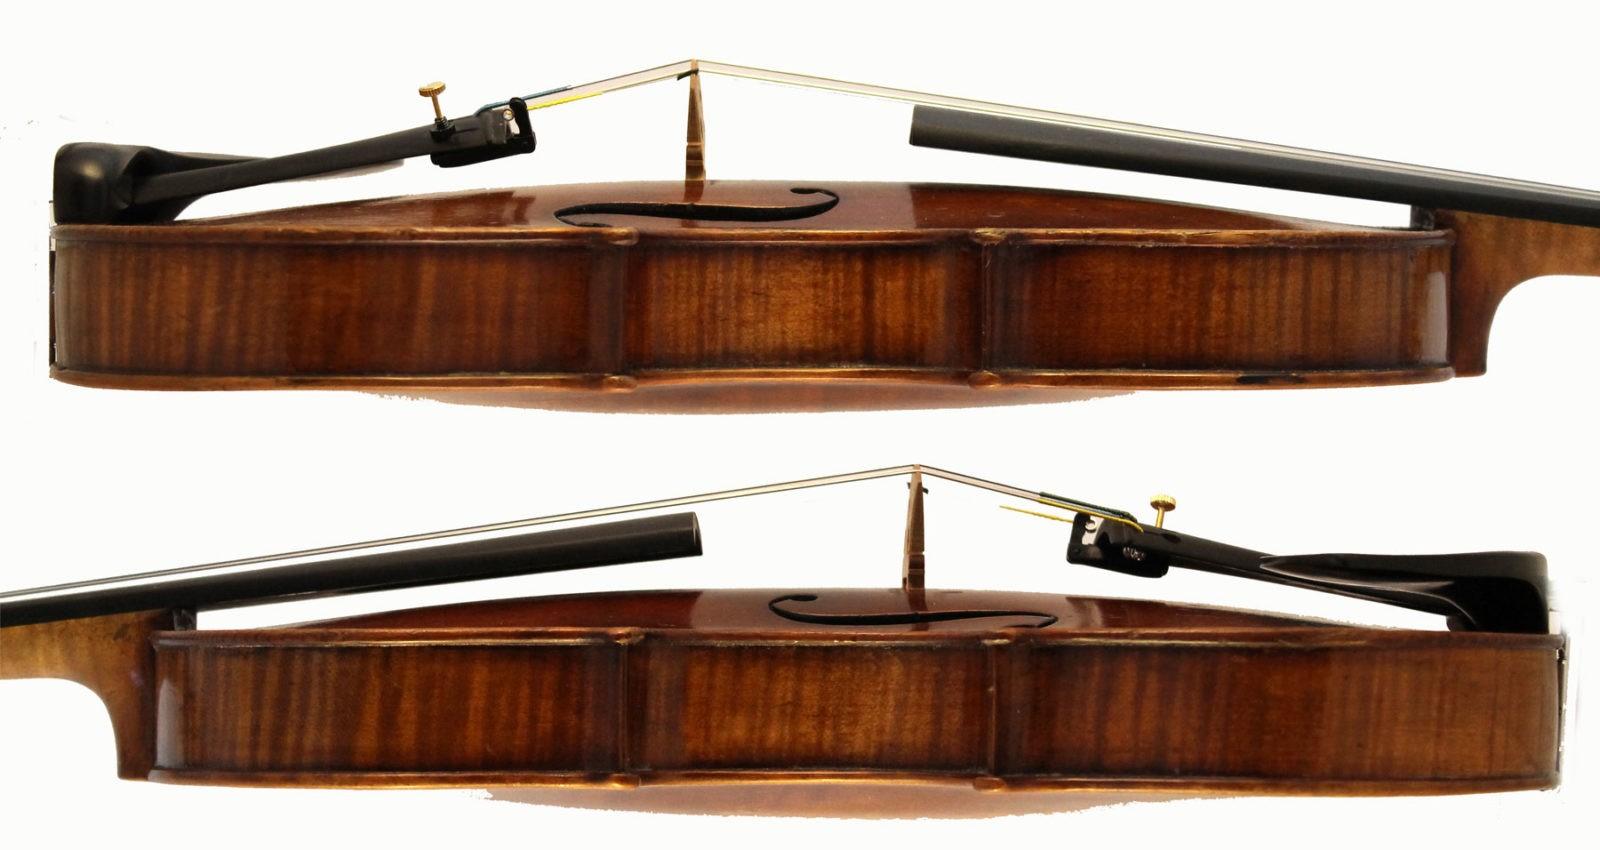 Roth Lederer violin sides